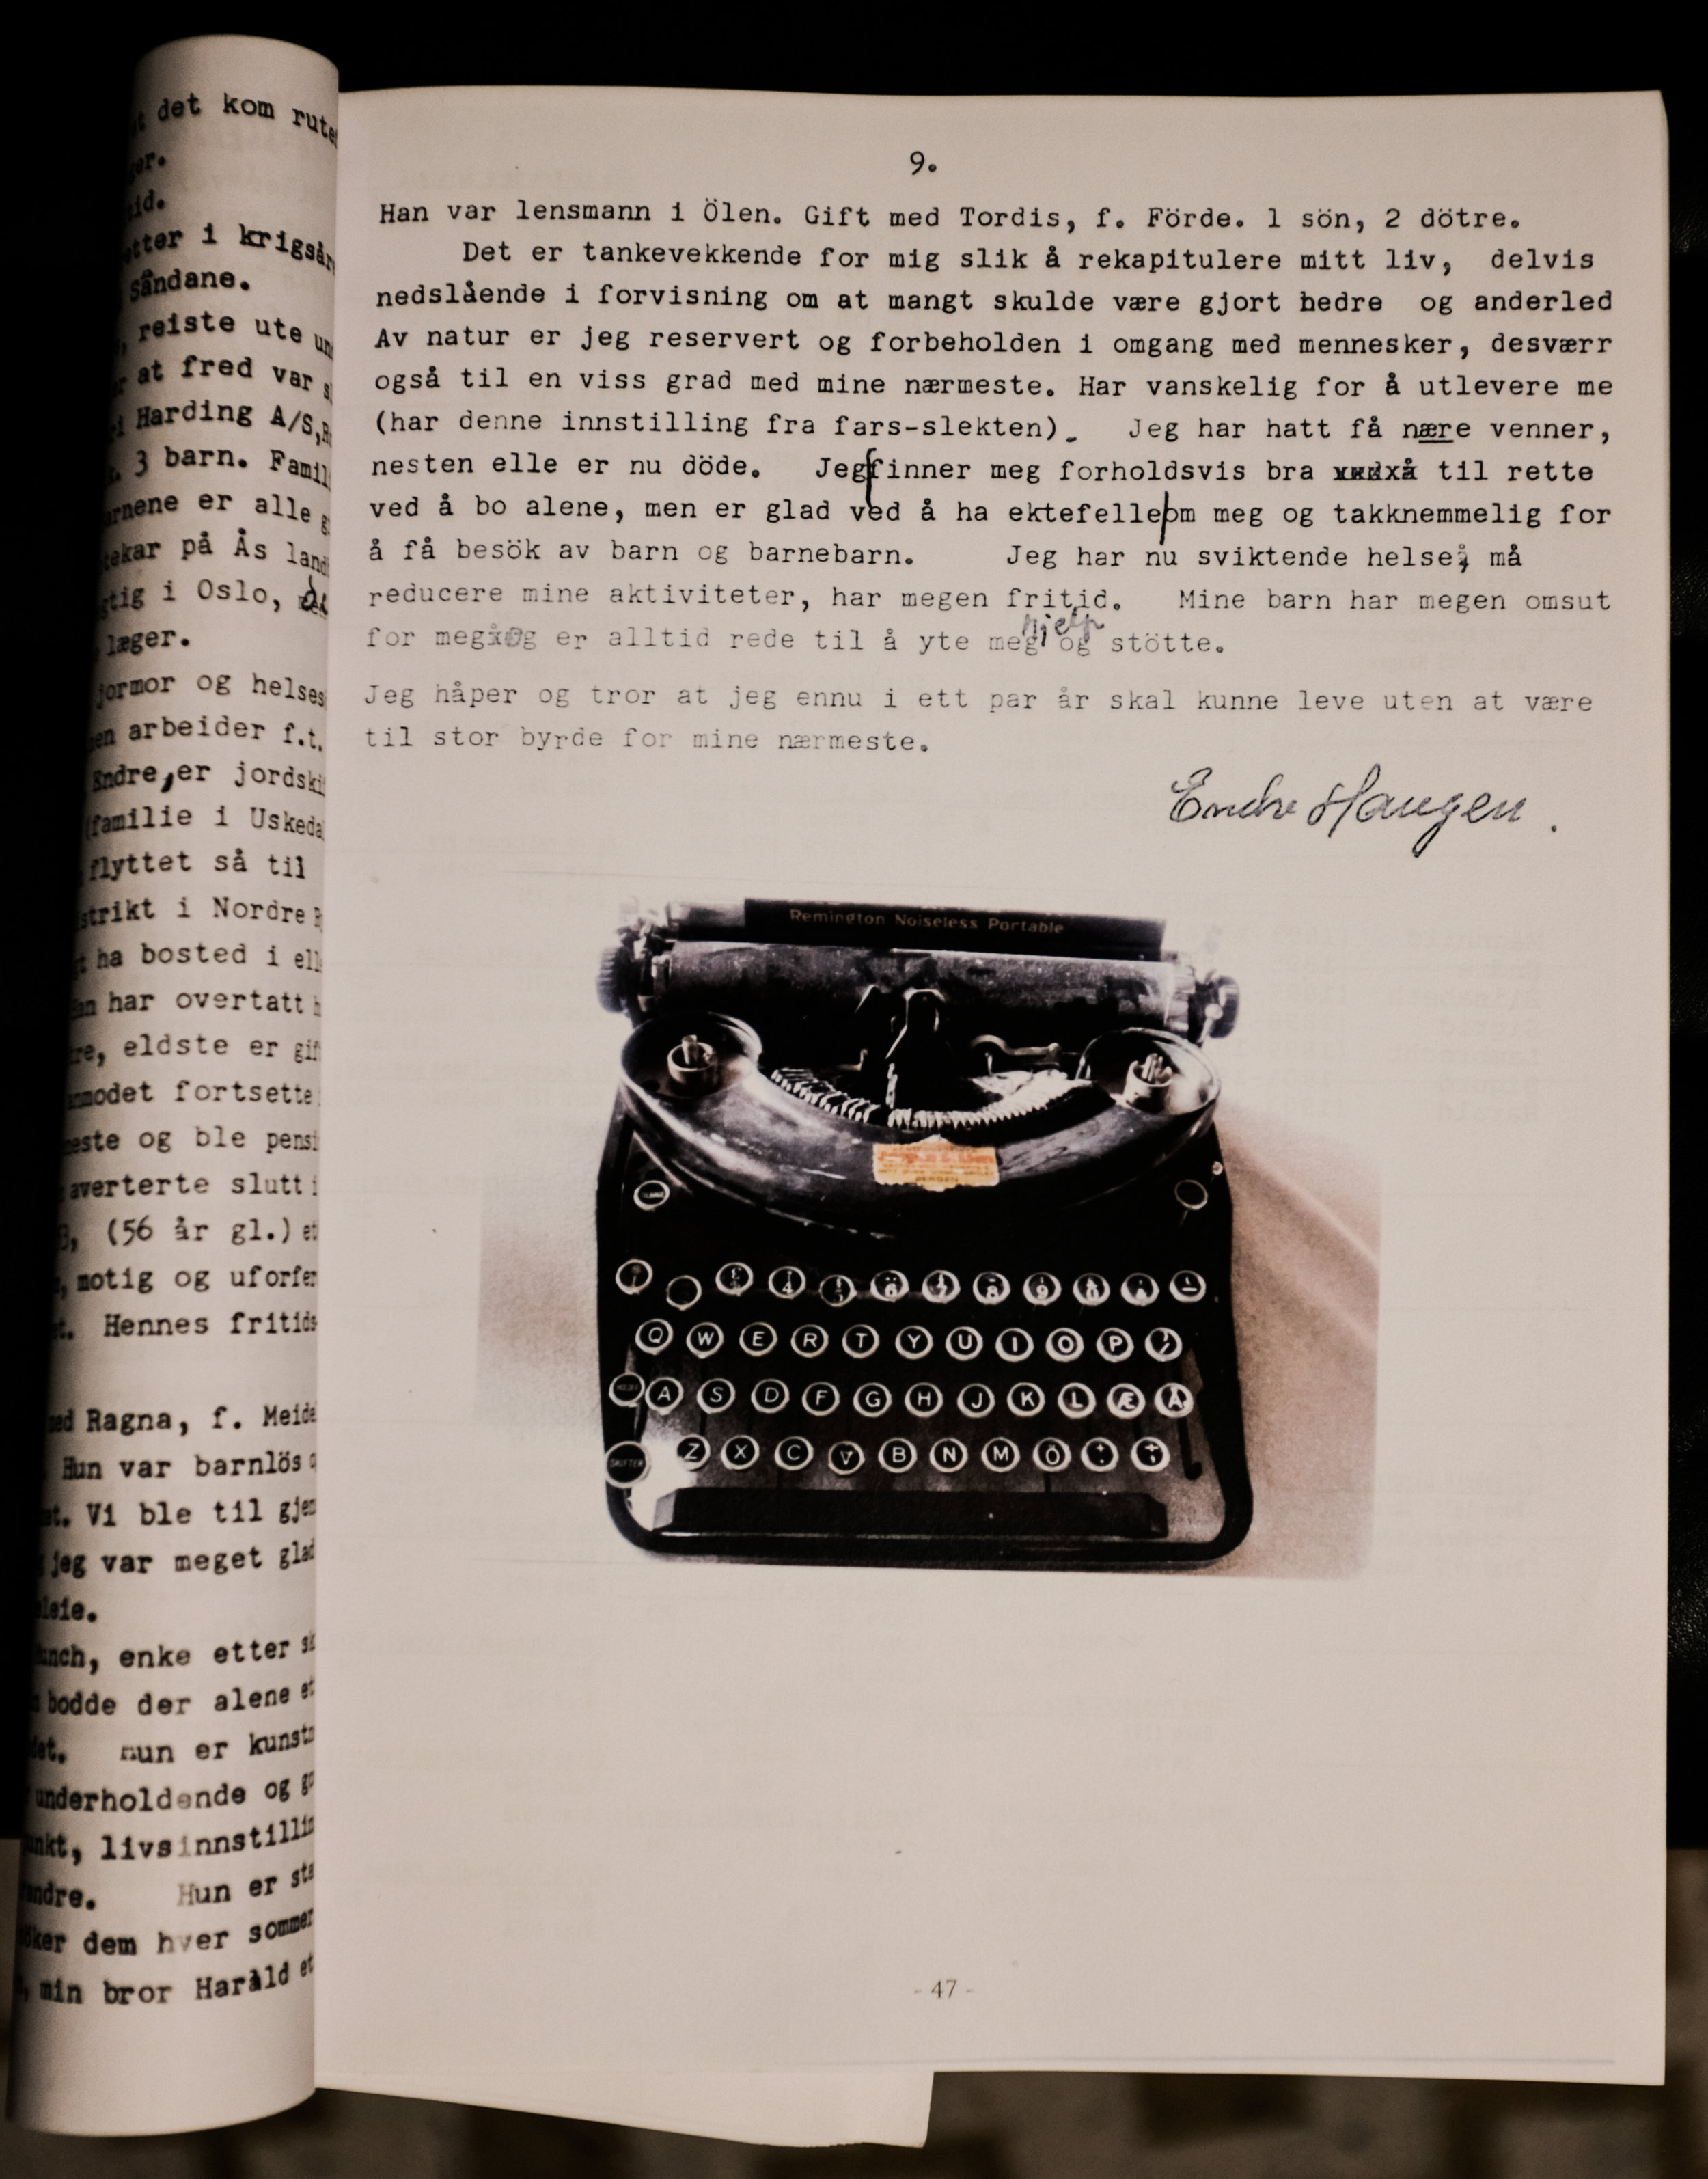 På oppmoding frå eine sonen sin skreiv Haugen om livet sitt då han var blitt 85 år gammal. Remington-skrivemaskinen eksisterer enno.